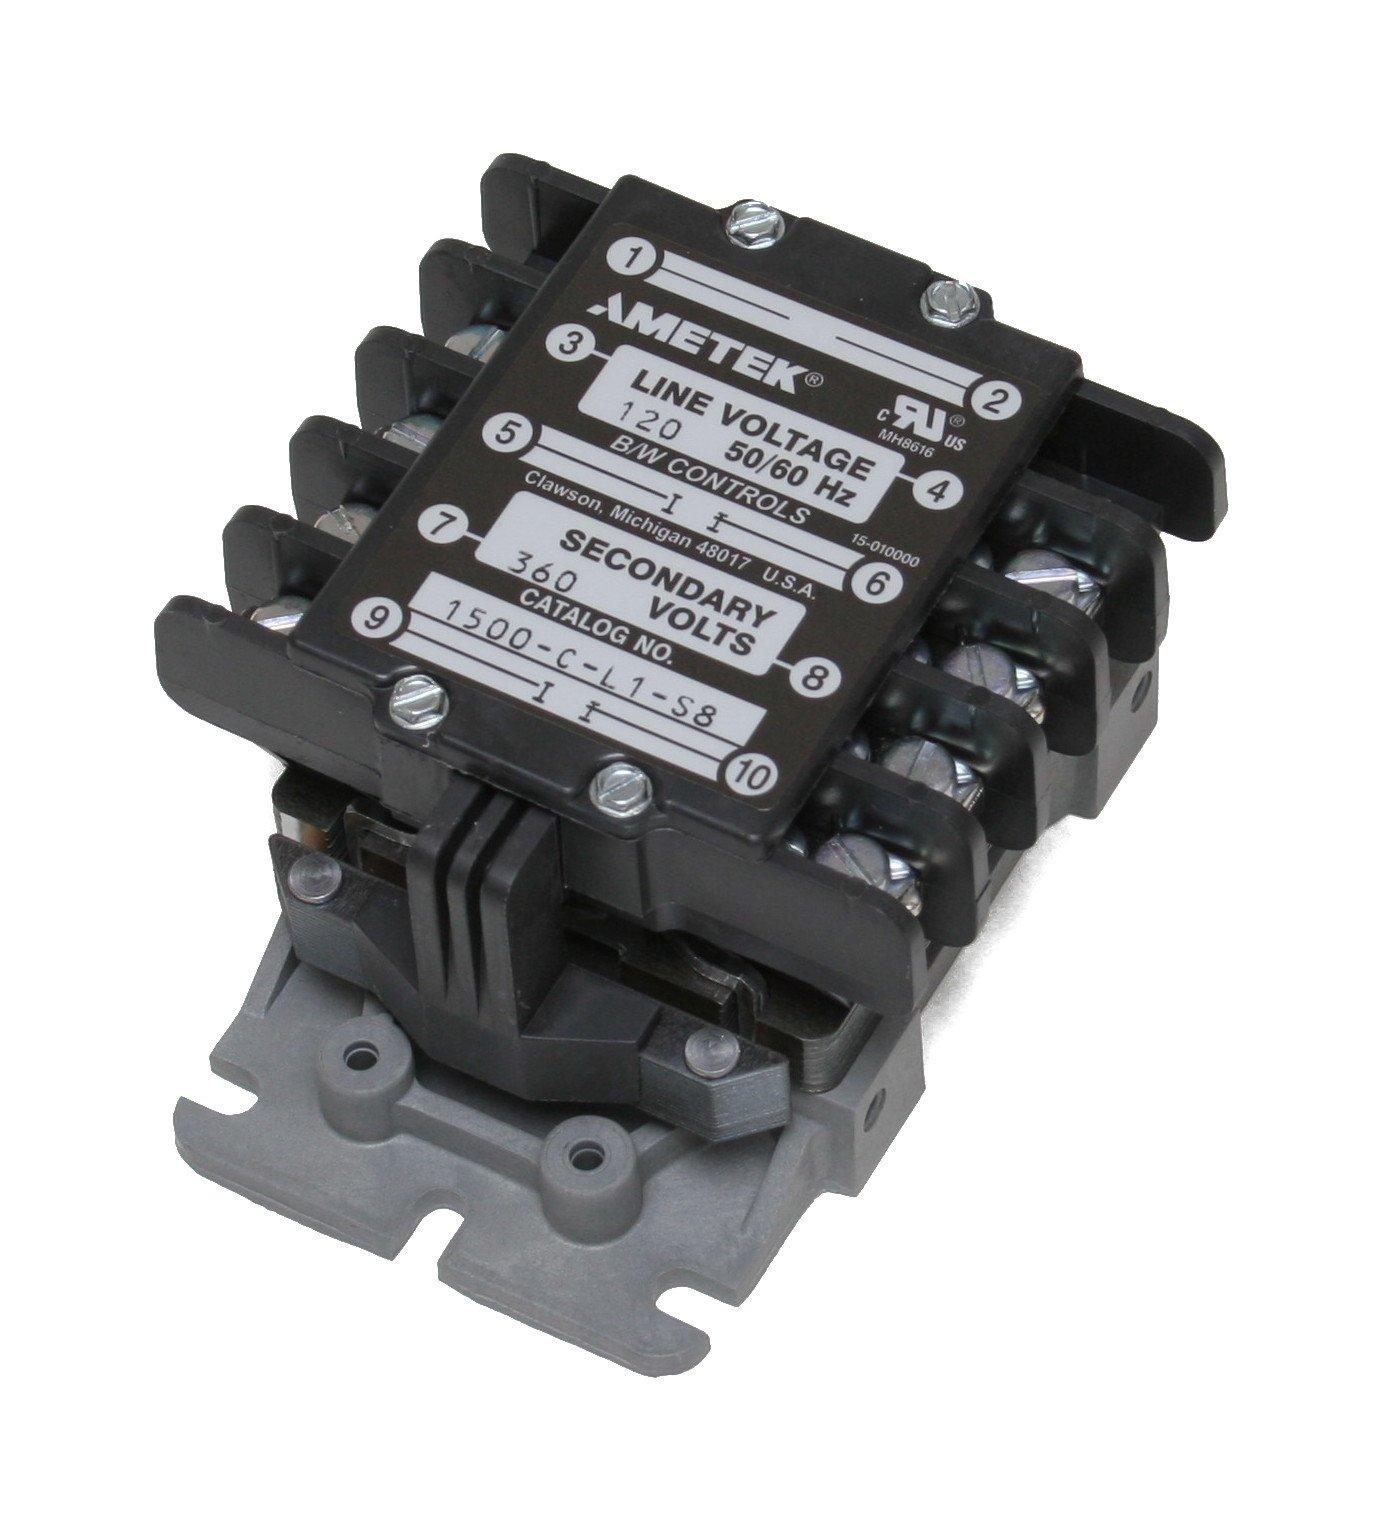 B/W Controls 1500-C-L1-S8 Liquid Level Control Relay